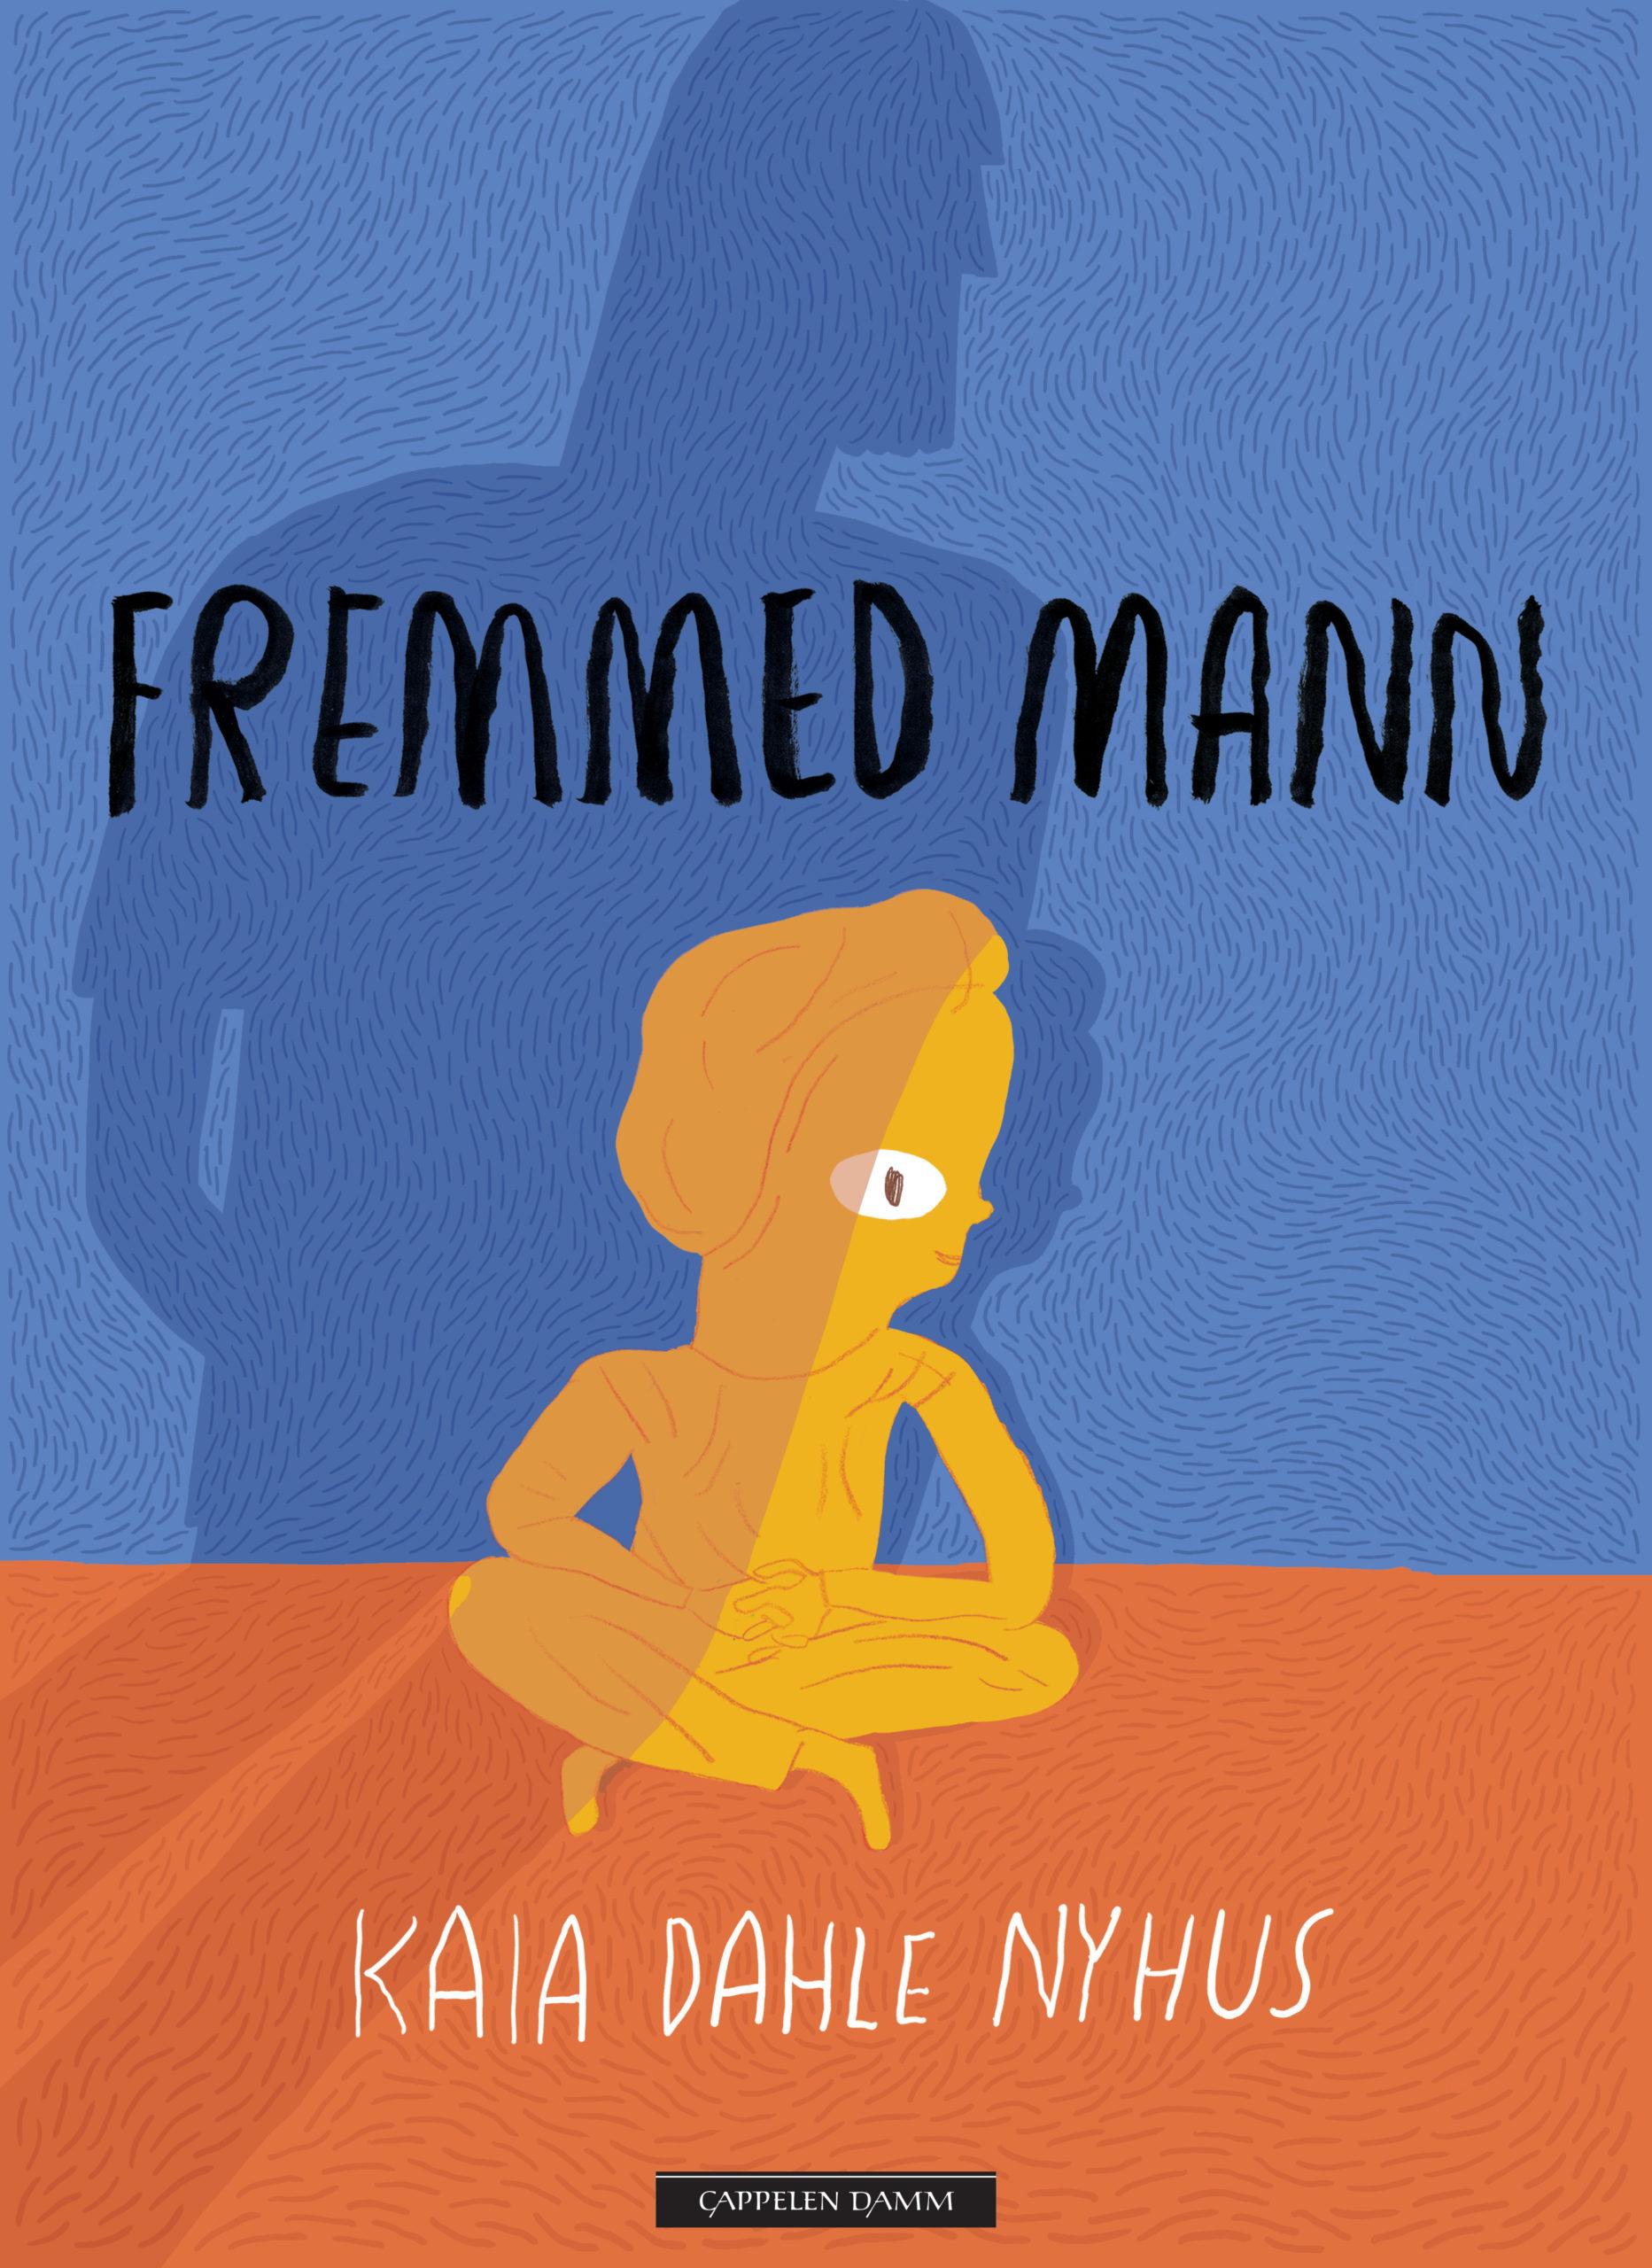 Fremmed mann forside